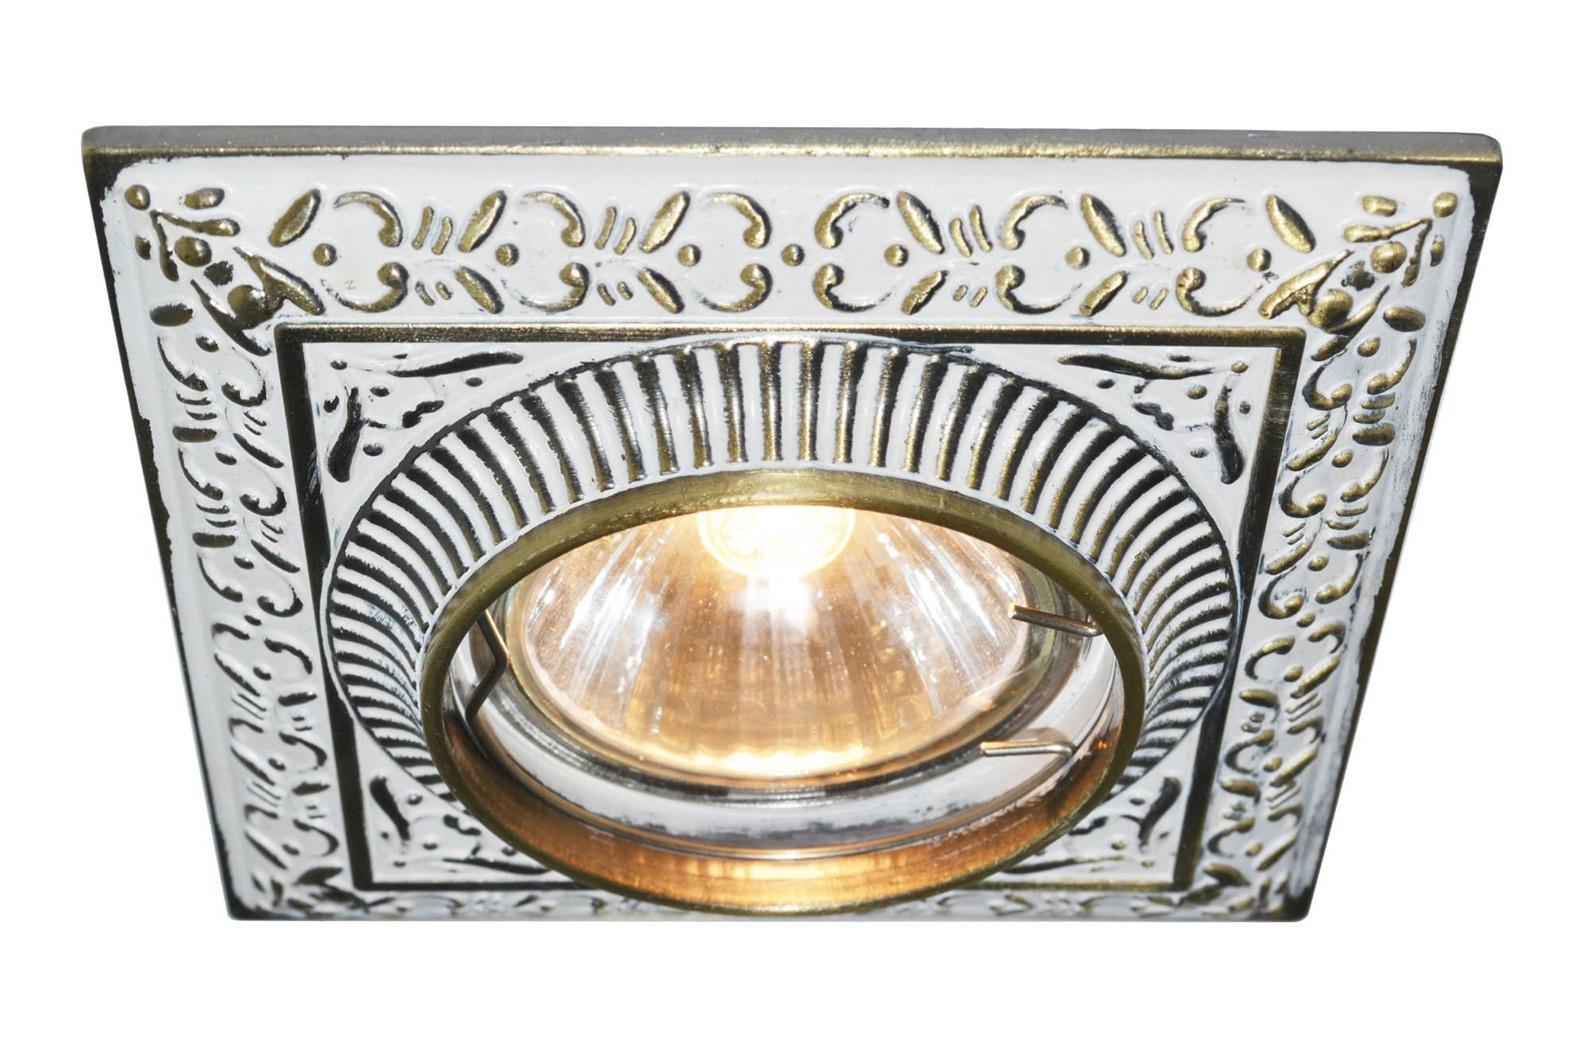 A5284PL-1WG OCCHIO Встраиваемый светильникA5284PL-1WG1x50W; патроны GU10 и G5,3 в комплекте Материал: Арматура: Металл, литьеРазмер: 100x100x45Цвет: Бело-золотой